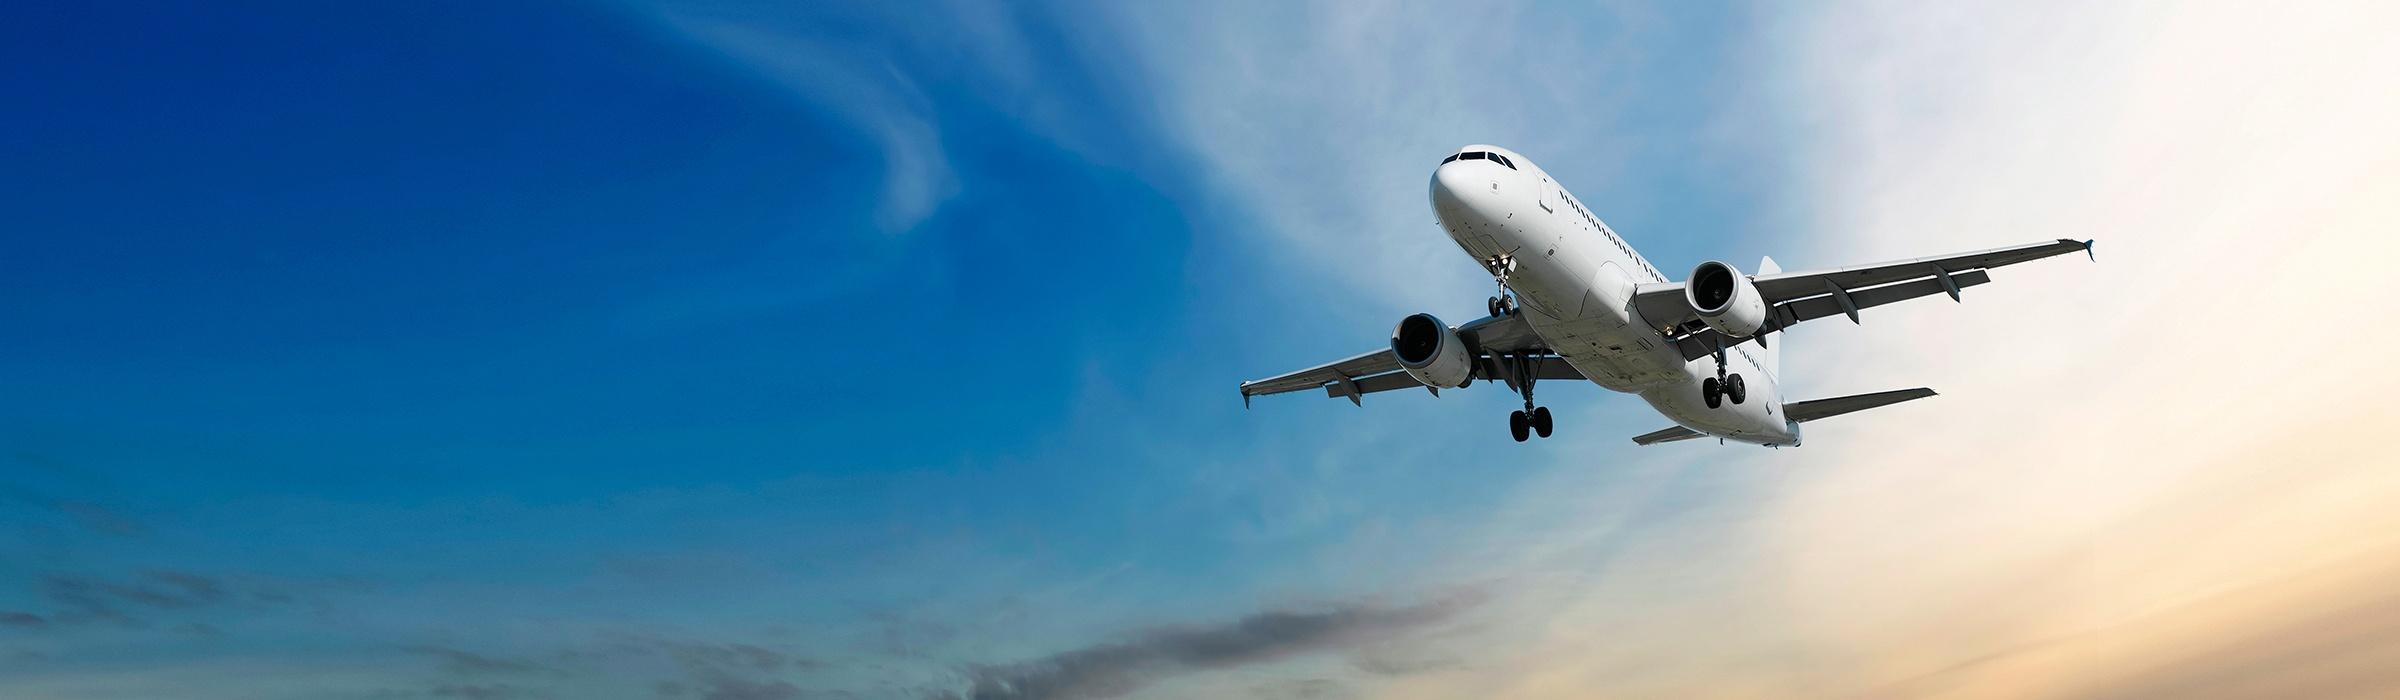 plane-2400x700.jpg